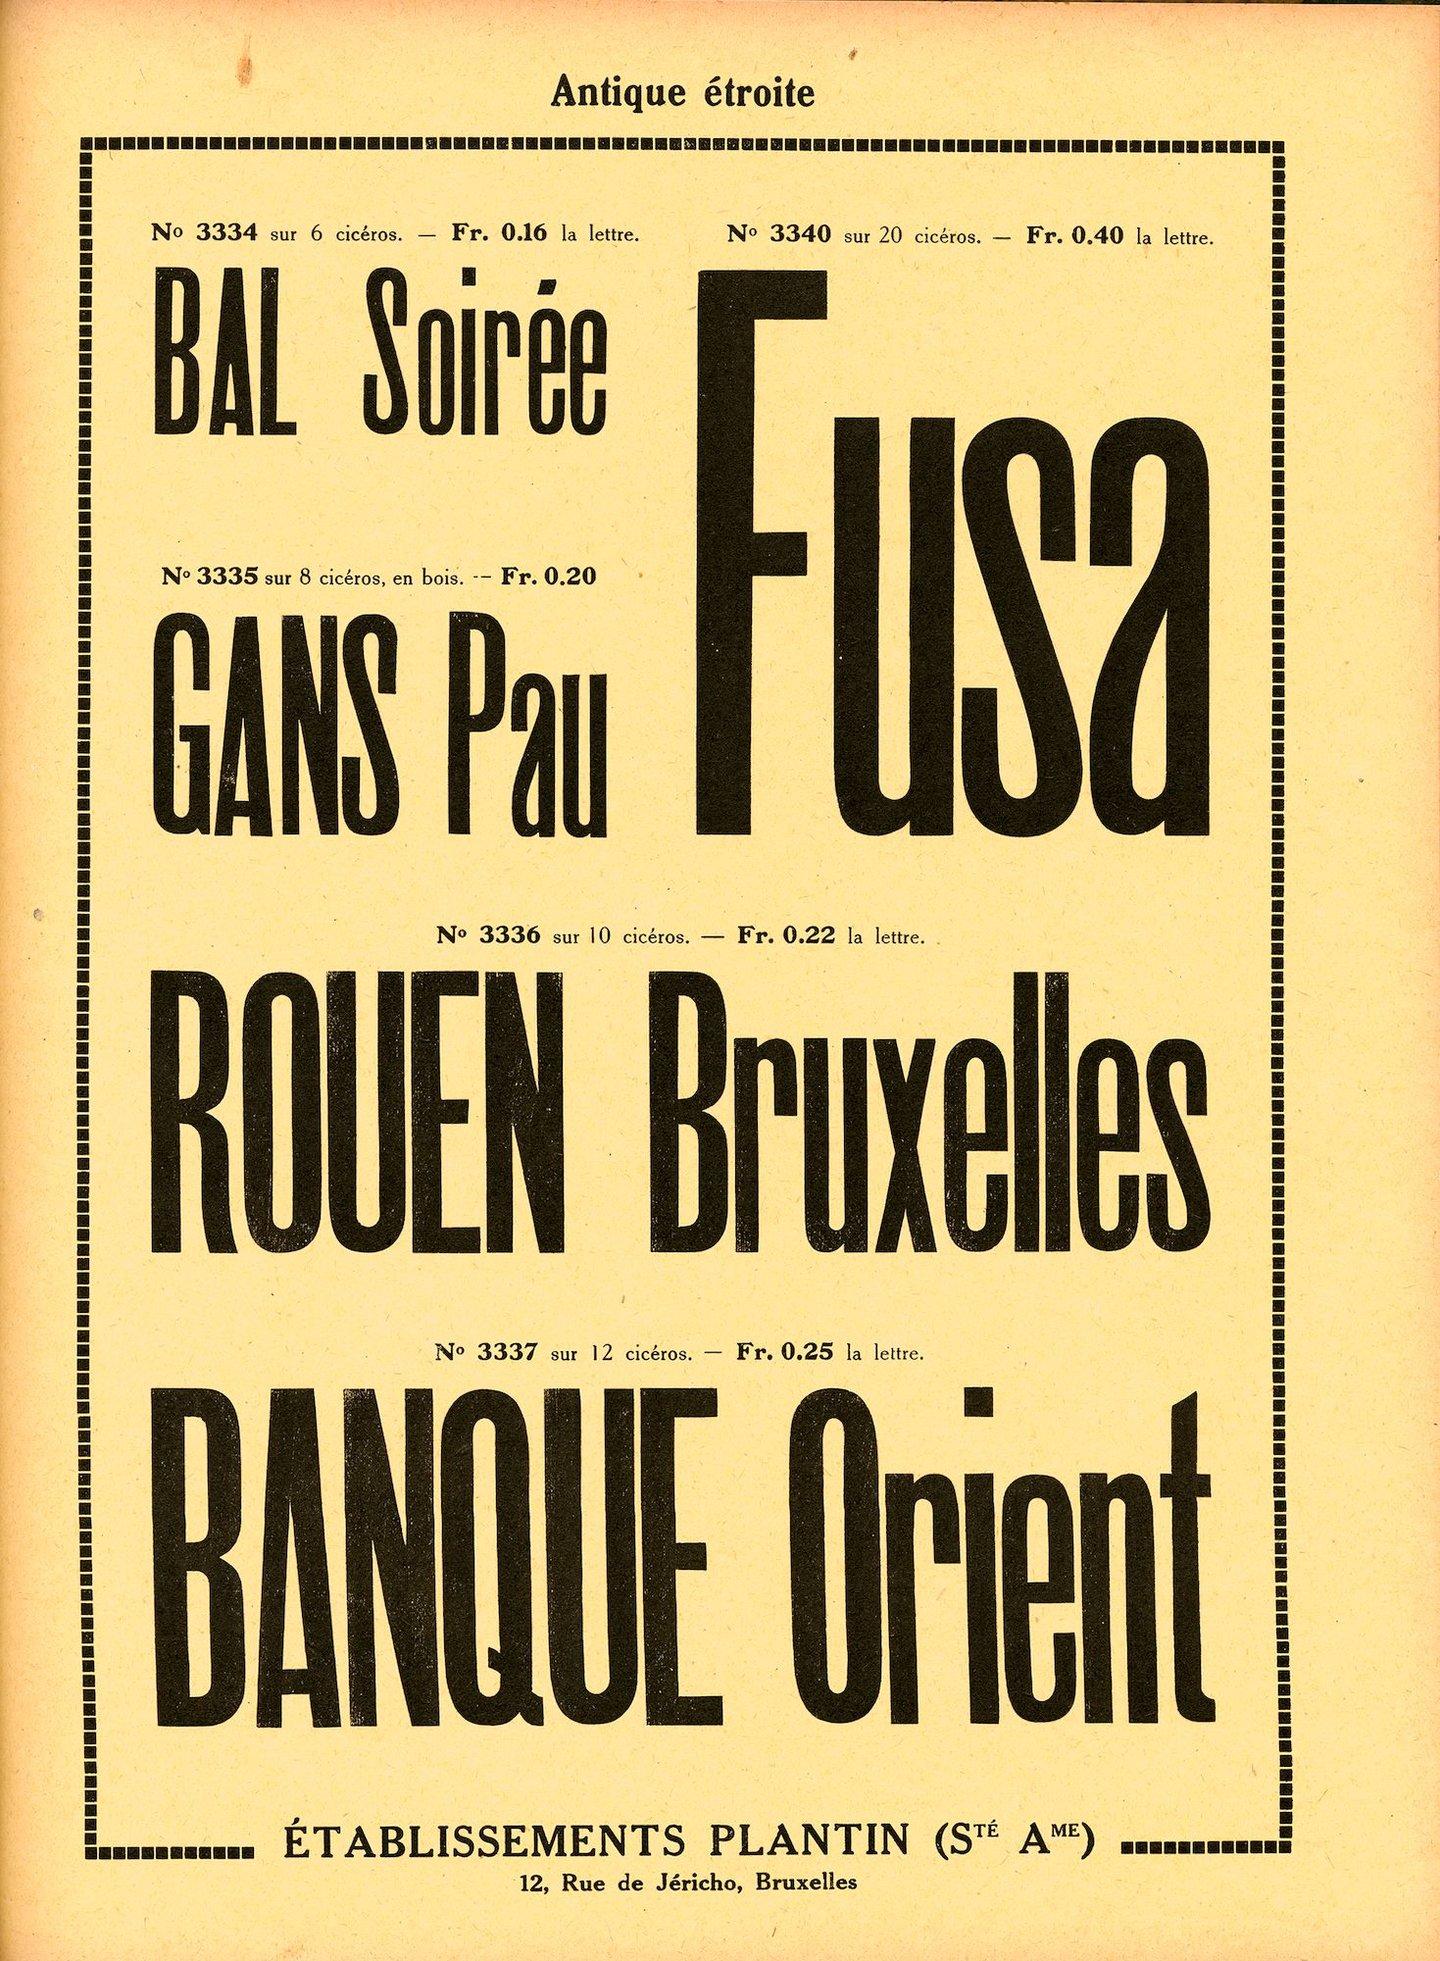 Voorbeeld van het lettertype Antique étroite van de firma Plantin te Brussel